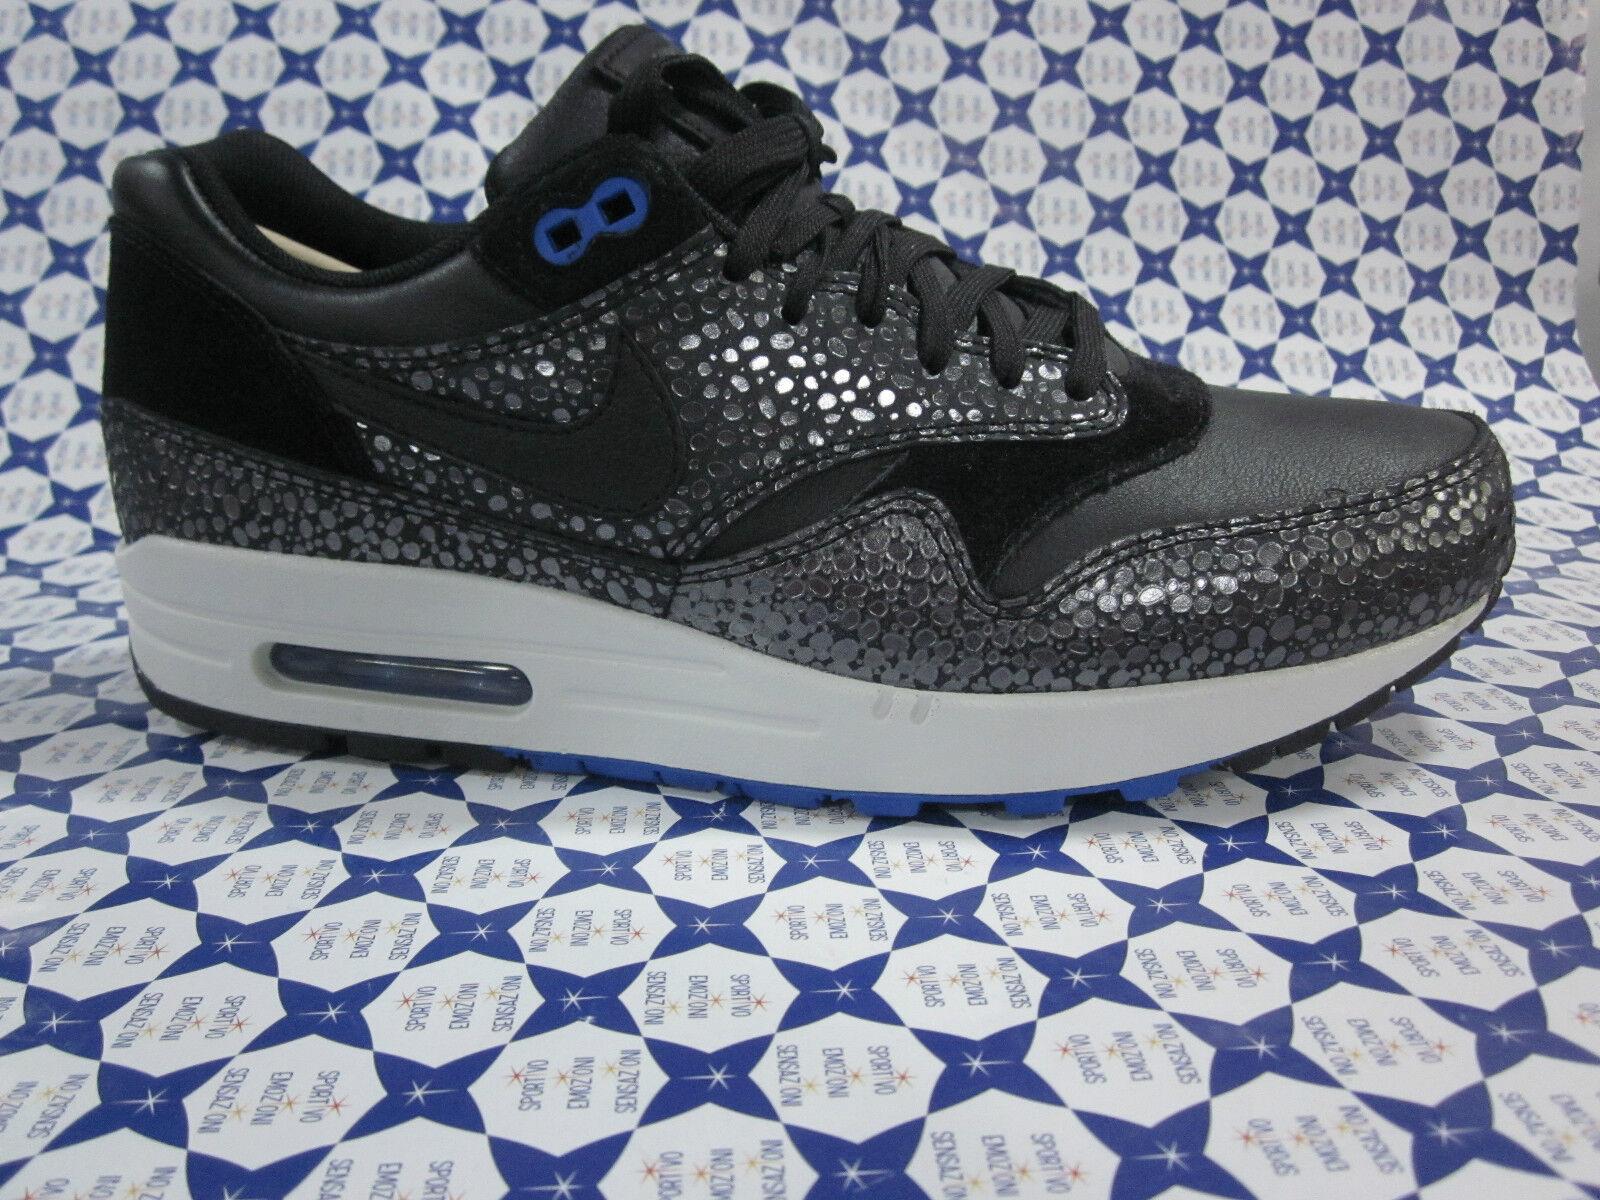 Cómodo y bien parecido Barato y cómodo Scarpa Nike Air Max 1 Deluxe - Nero - Argento 684708